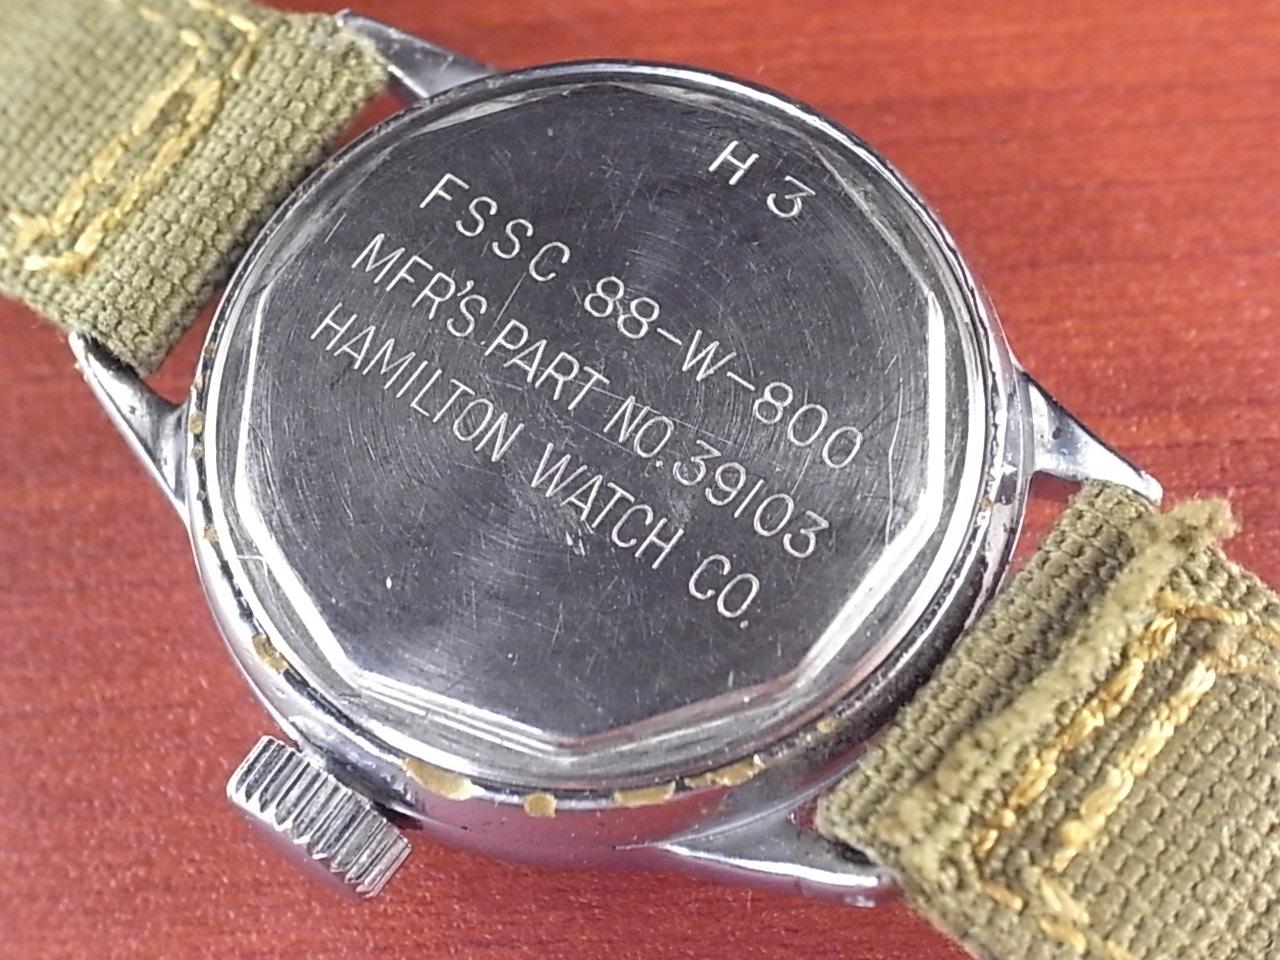 ハミルトン アメリカ海軍 FSSC 88-W-800 Cal.2987 ブラックダイアル 1940年代の写真4枚目